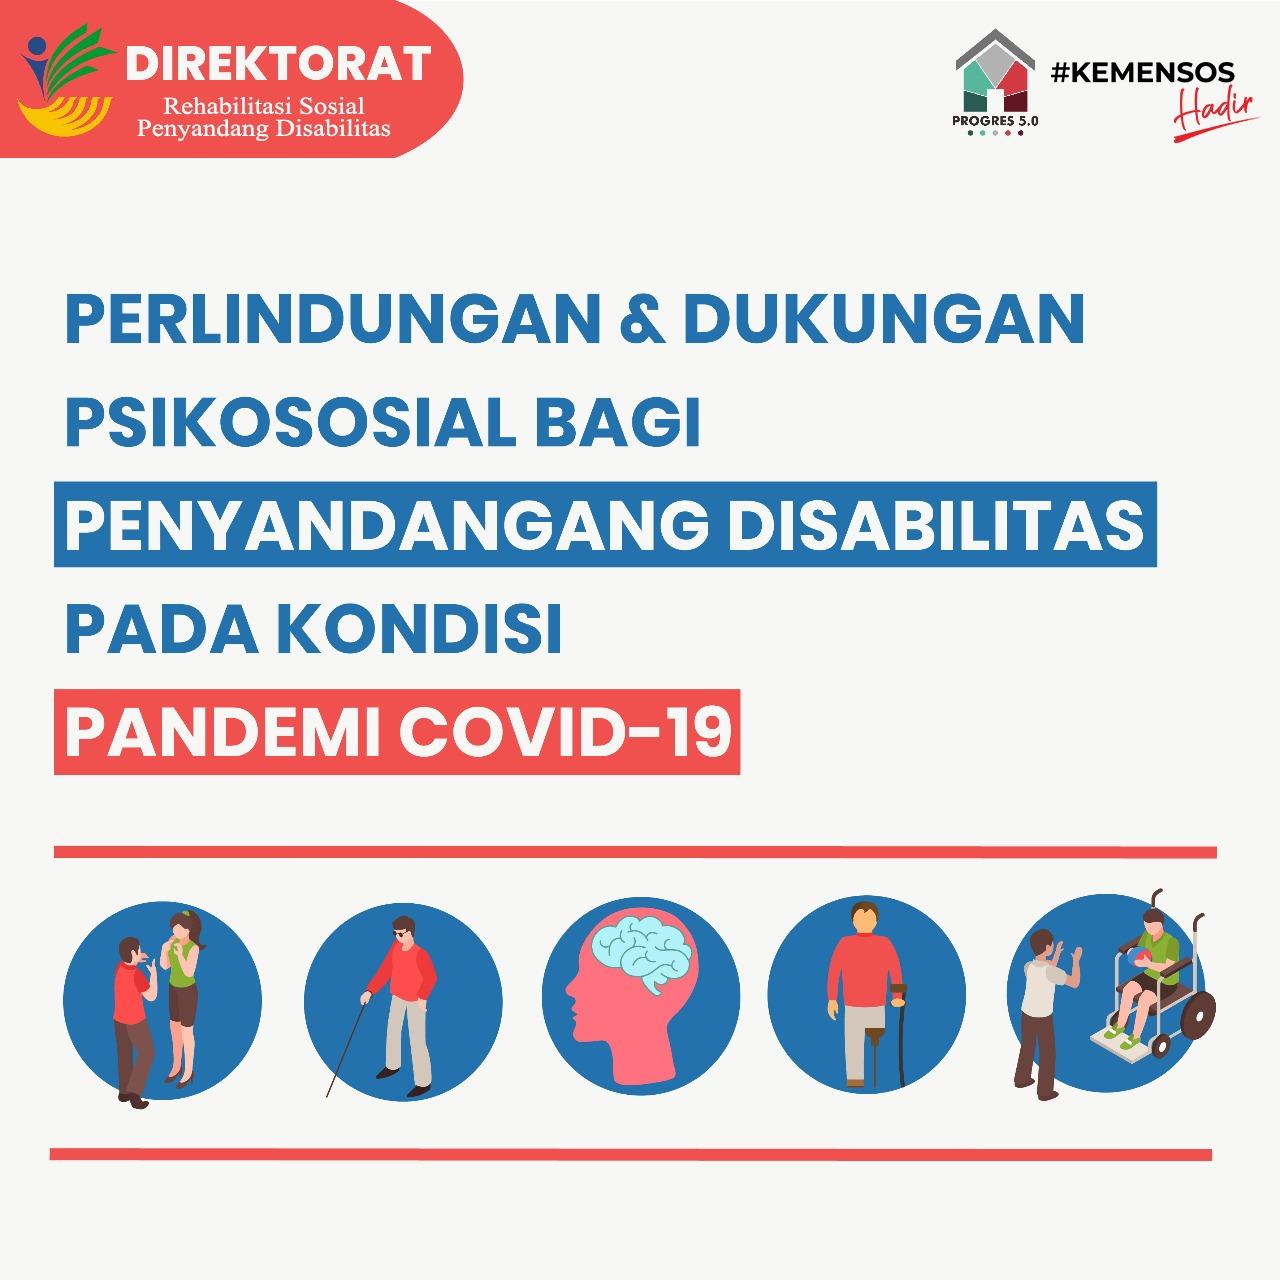 Perlindungan dan Dukungan Psikososial bagi Penyandang Disabilitas